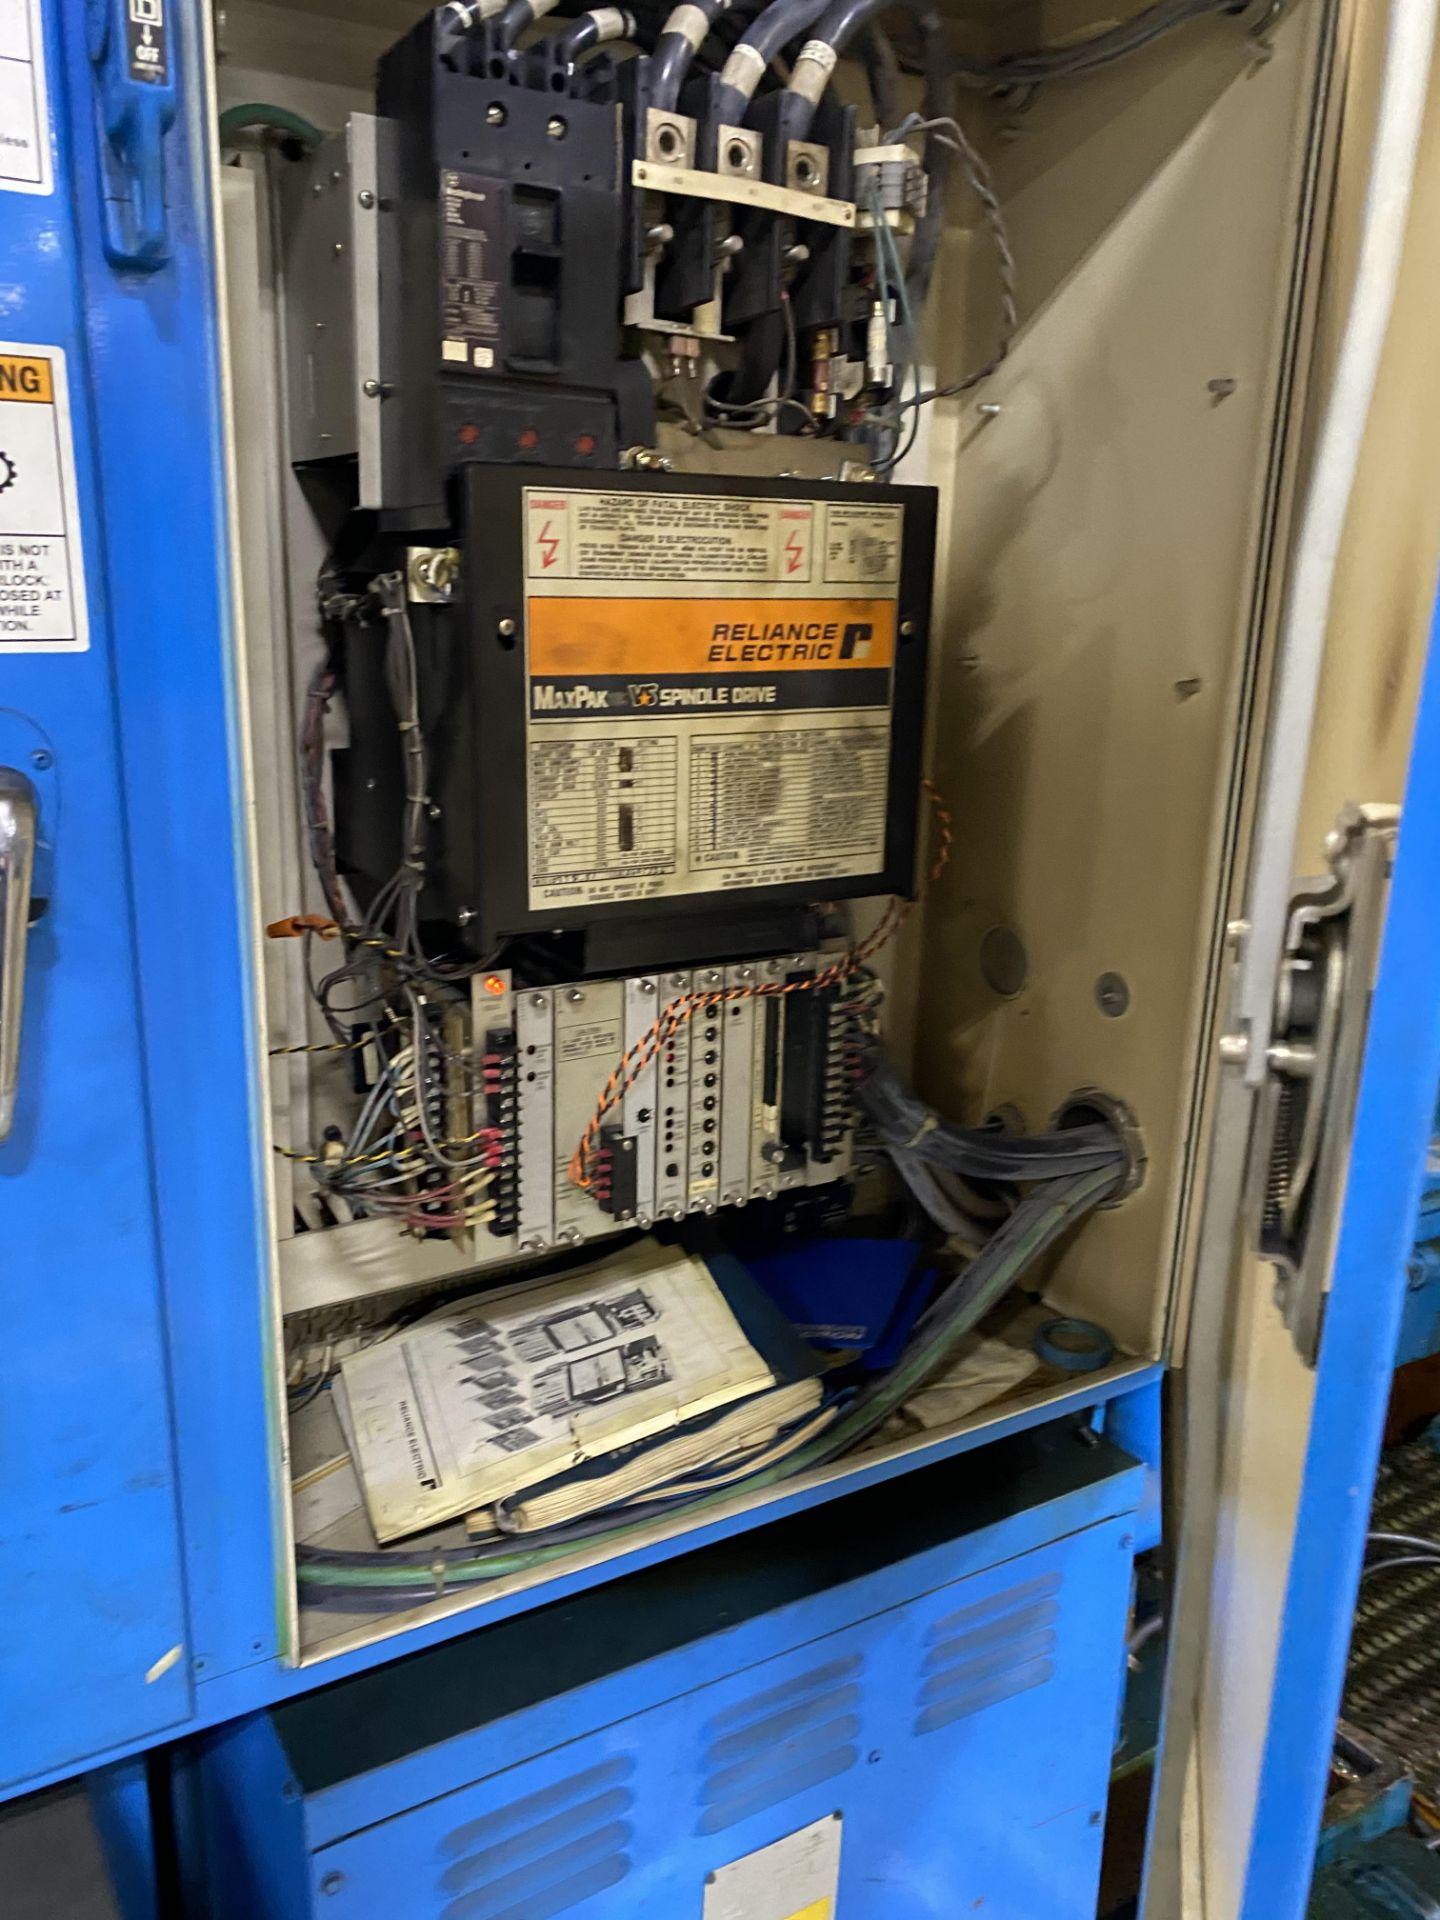 Cincinnati 24x60 Cinturn CNC Lathe - Image 7 of 8